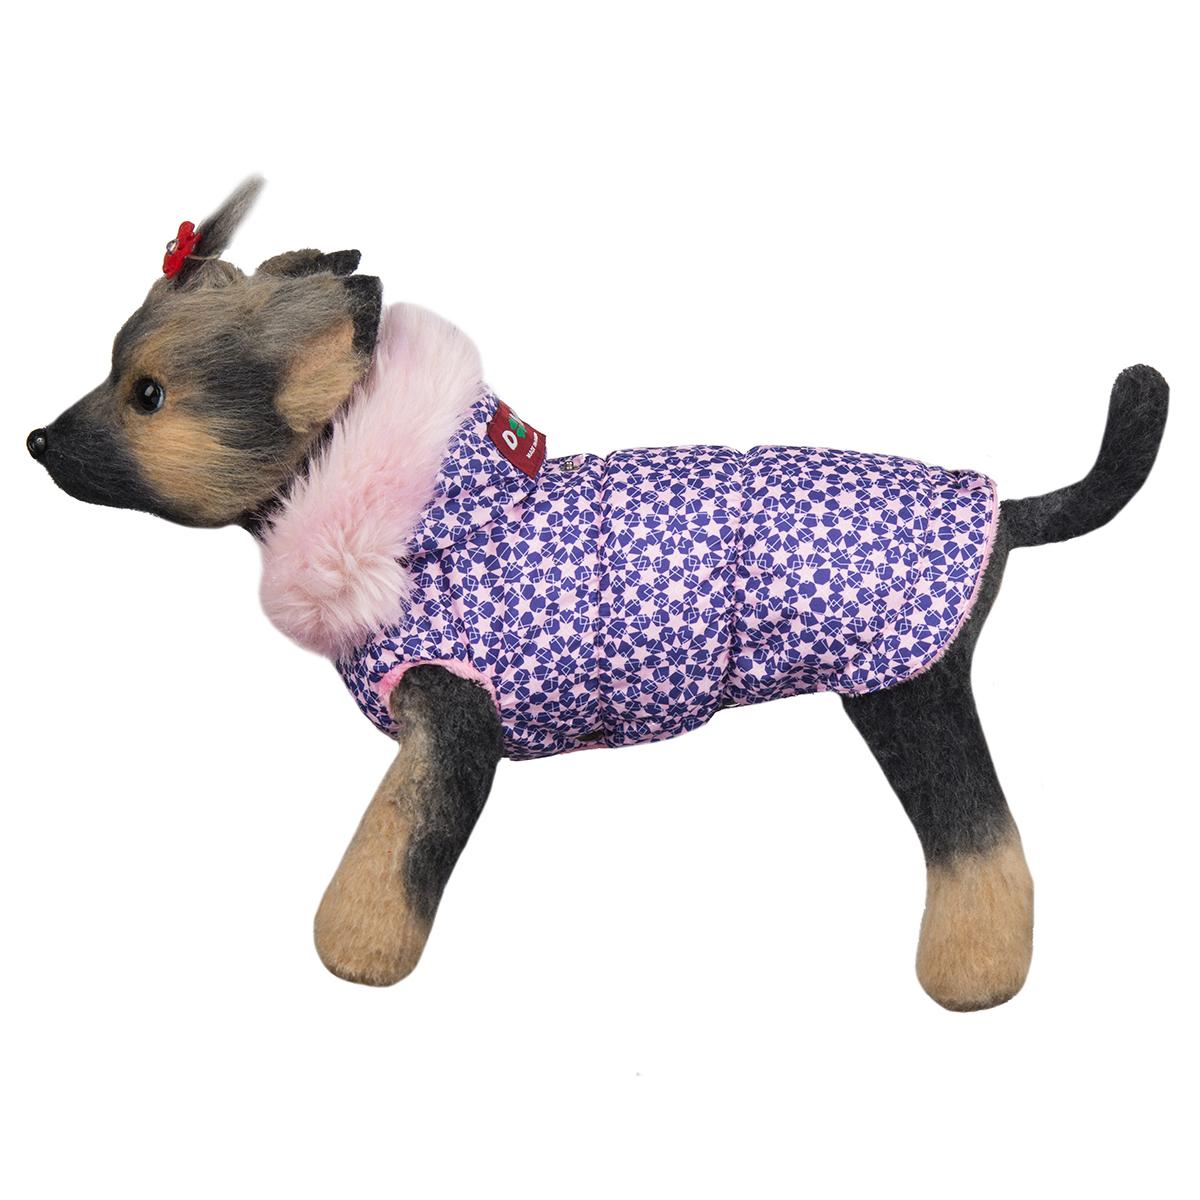 Куртка для собак Dogmoda Аляска, для девочки. Размер 1 (S)DM-160290-1Аляска Dogmoda для собак (девочка) – изделие, изготовленное из полиэстера водоотталкивающего типа. Для подкладки был использован синтепон и искусственный мех. Светлые, мягкие и яркие тона аляски будут гармонировать с весёлостью и подвижностью домашнего любимца на прогулке. Одежда надёжно защитит собачку от пронизывающей зимней стужи и позволит от души наслаждаться свежим снегом и длительным пребыванием на прогулке в морозный день. Изделие легко надевается и снимается, не доставляя неприятных минут хозяину и его питомцу. Технология пошива аляски не стесняет движений и позволяет весело бегать наперегонки с четвероногими друзьями. Непрерывный теплообмен обеспечивает сохранение свежести кожного покрова, который у маленьких собачек особенно чувствителен и уязвим. Аляски входят в число наиболее востребованной одежды для маленьких и жизнерадостных питомцев. Свобода движений и ощущение тепла и комфорта – что ещё нужно для хорошей прогулки?